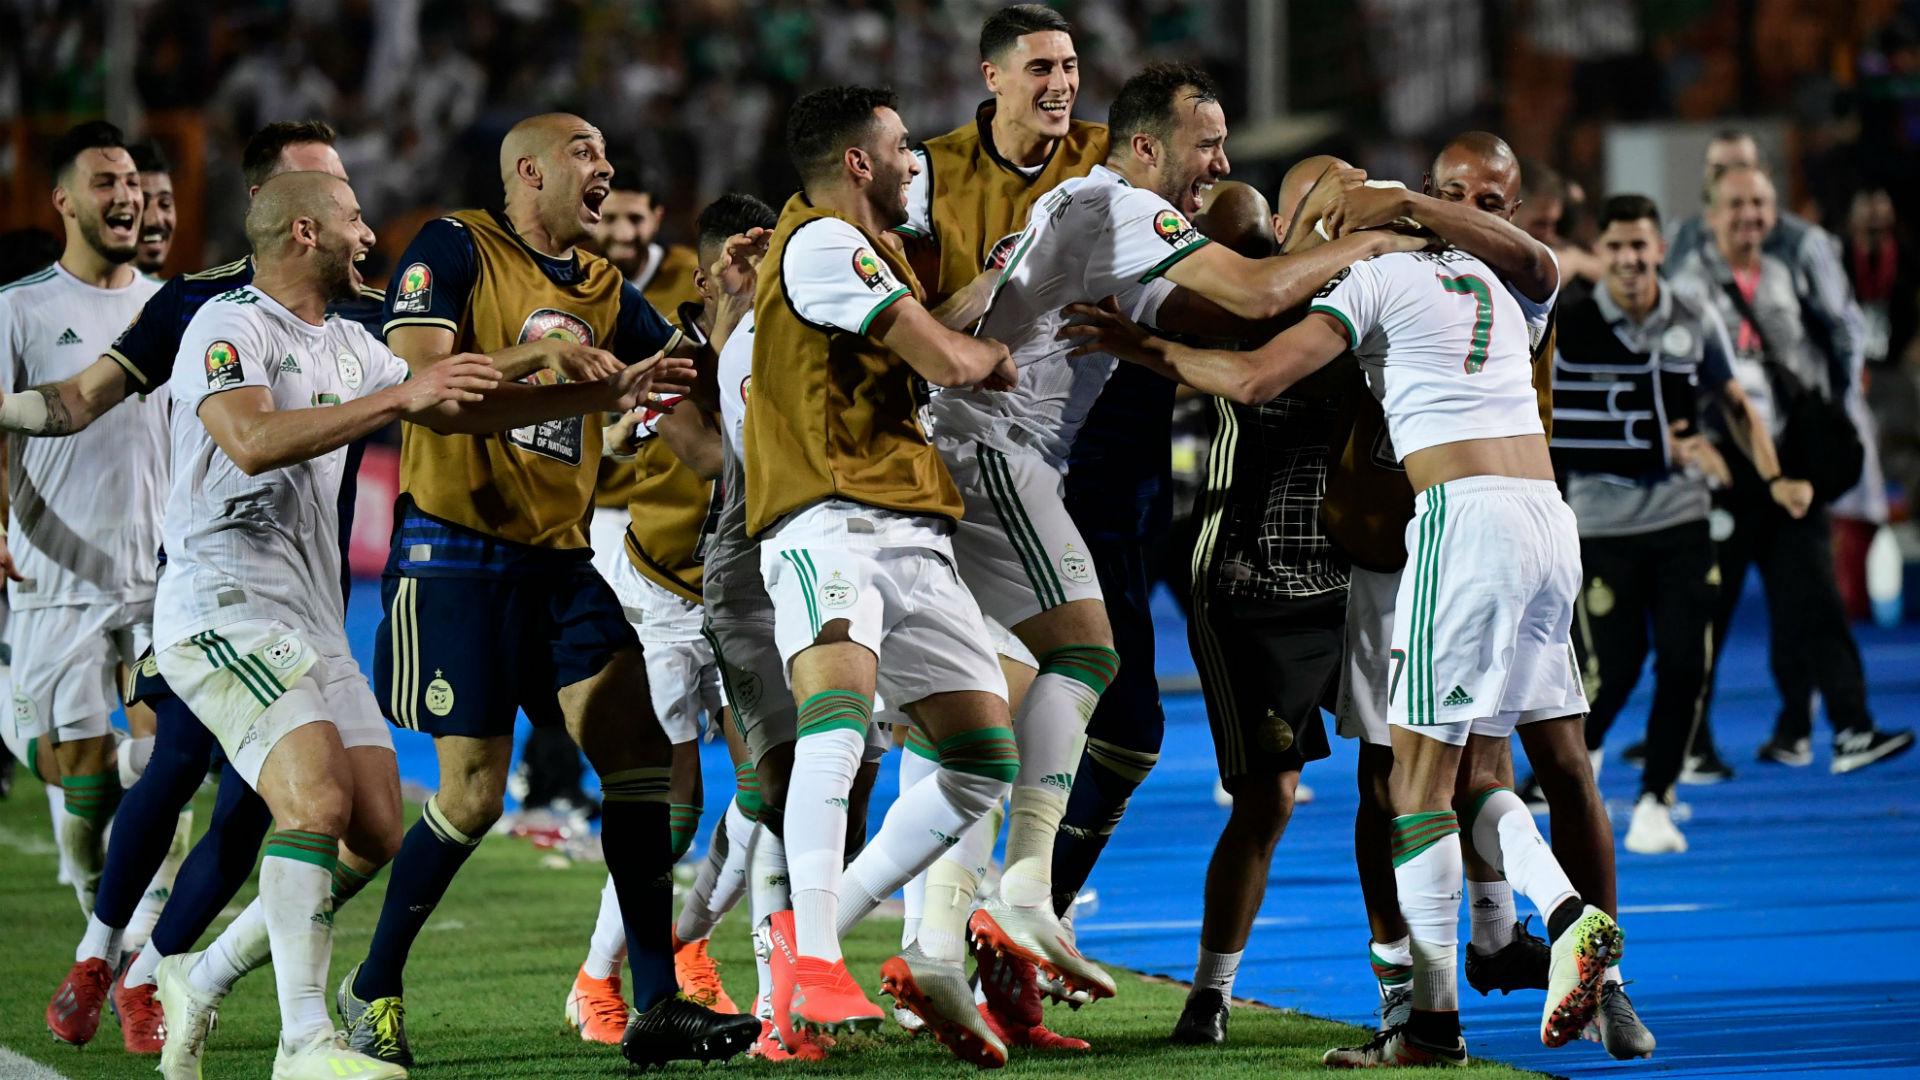 Finale CAN - 37 avions vont emmener les supporters algériens en Égypte